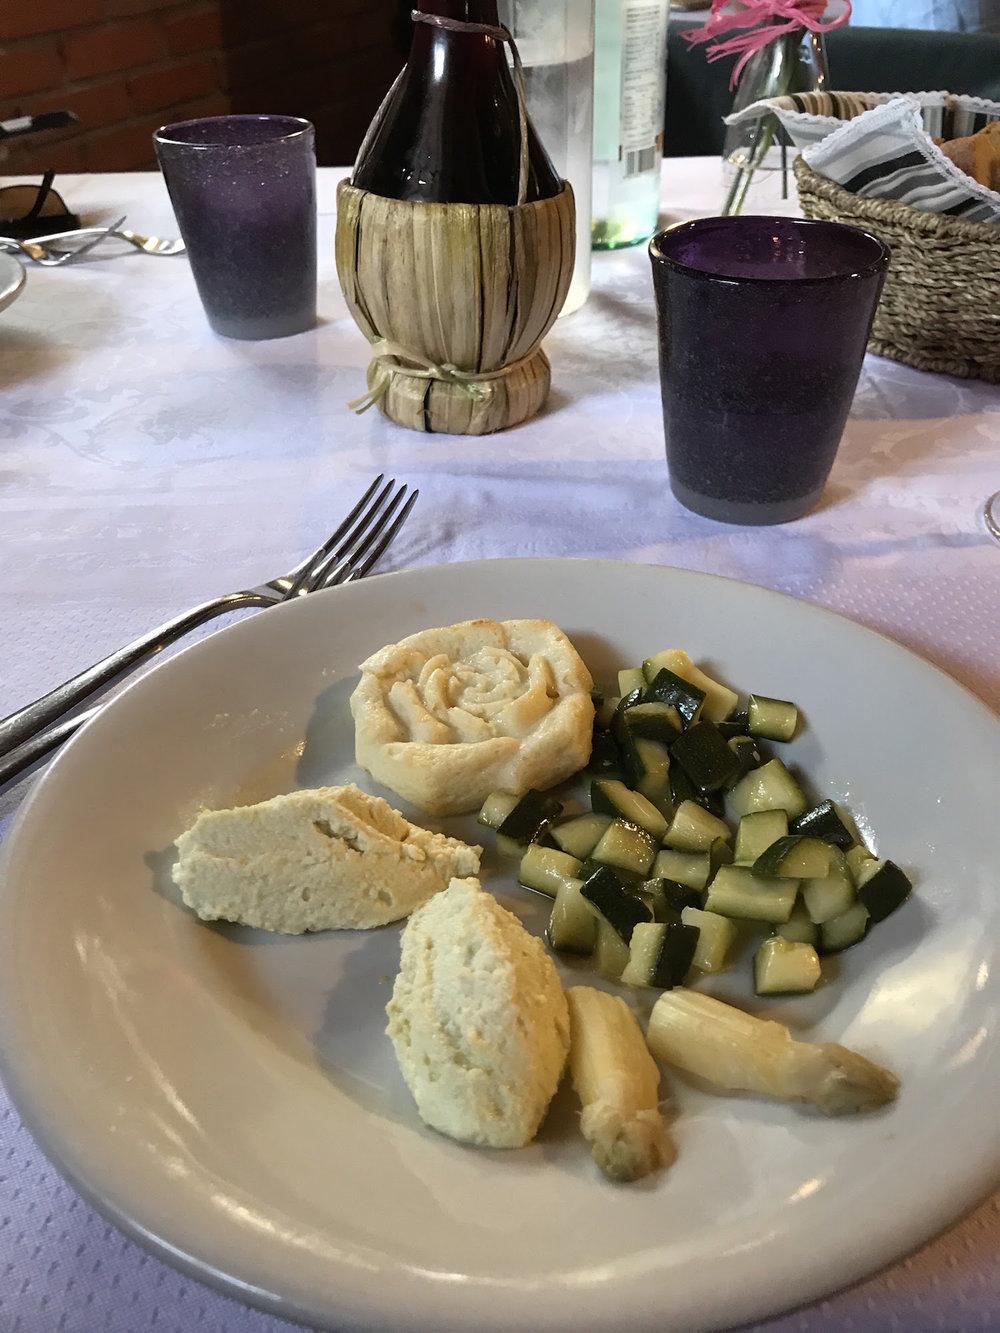 Piccolo sformatino all' apsarago bianco di Cimadolmo cnelle all'uovo e tartare di zucchine.